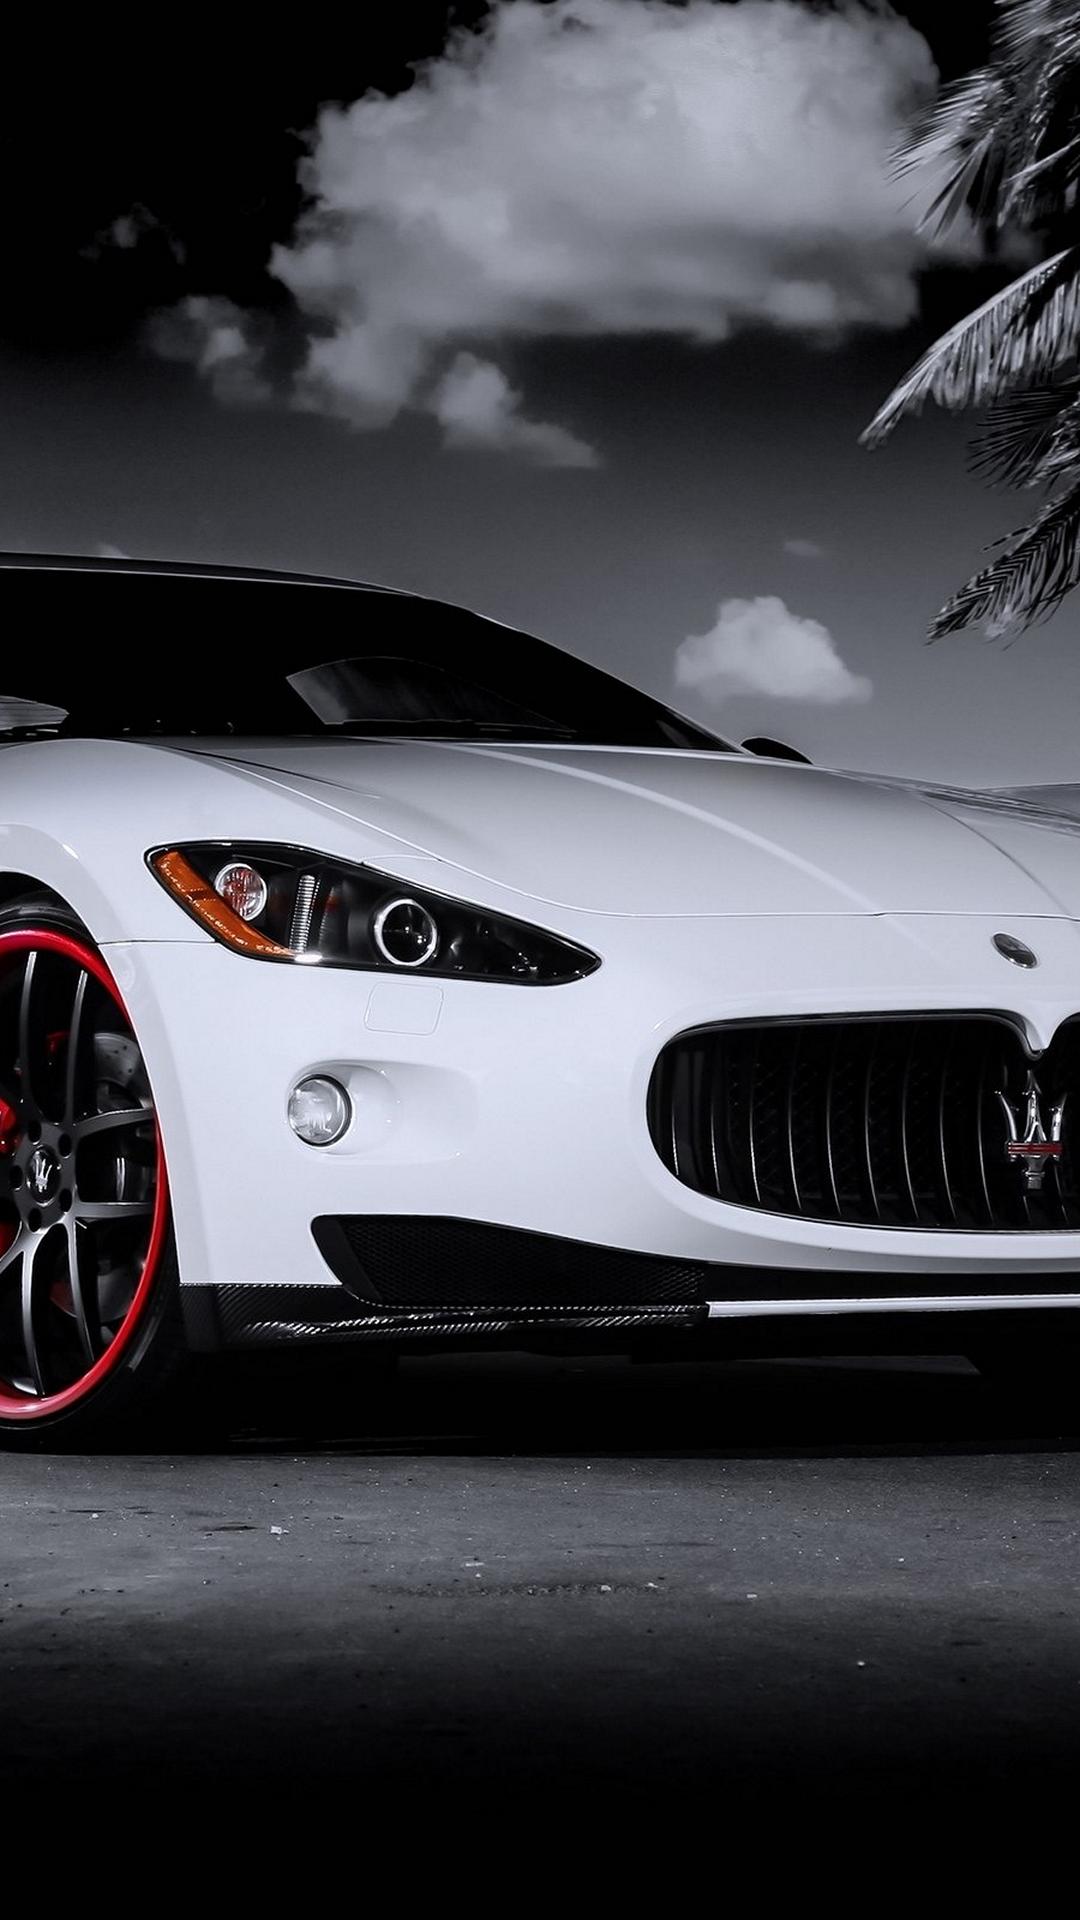 100 Maserati Wallpaper Hd 2014 Maserati Granturismo